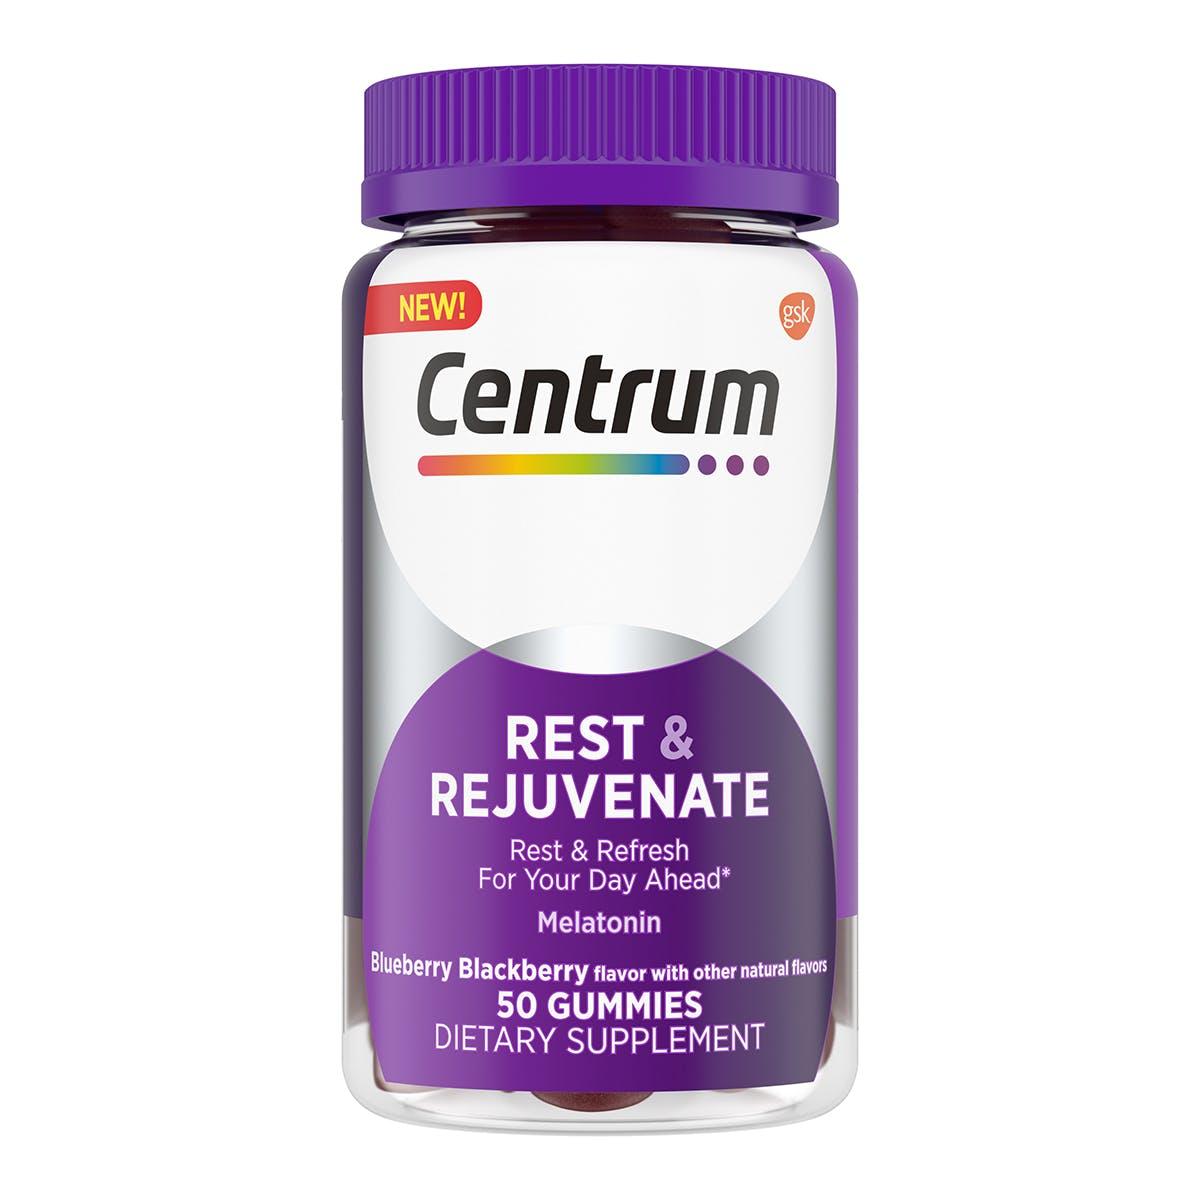 Bottle of Centrum Adult Gummy Rest & Rejuvenate Supplements